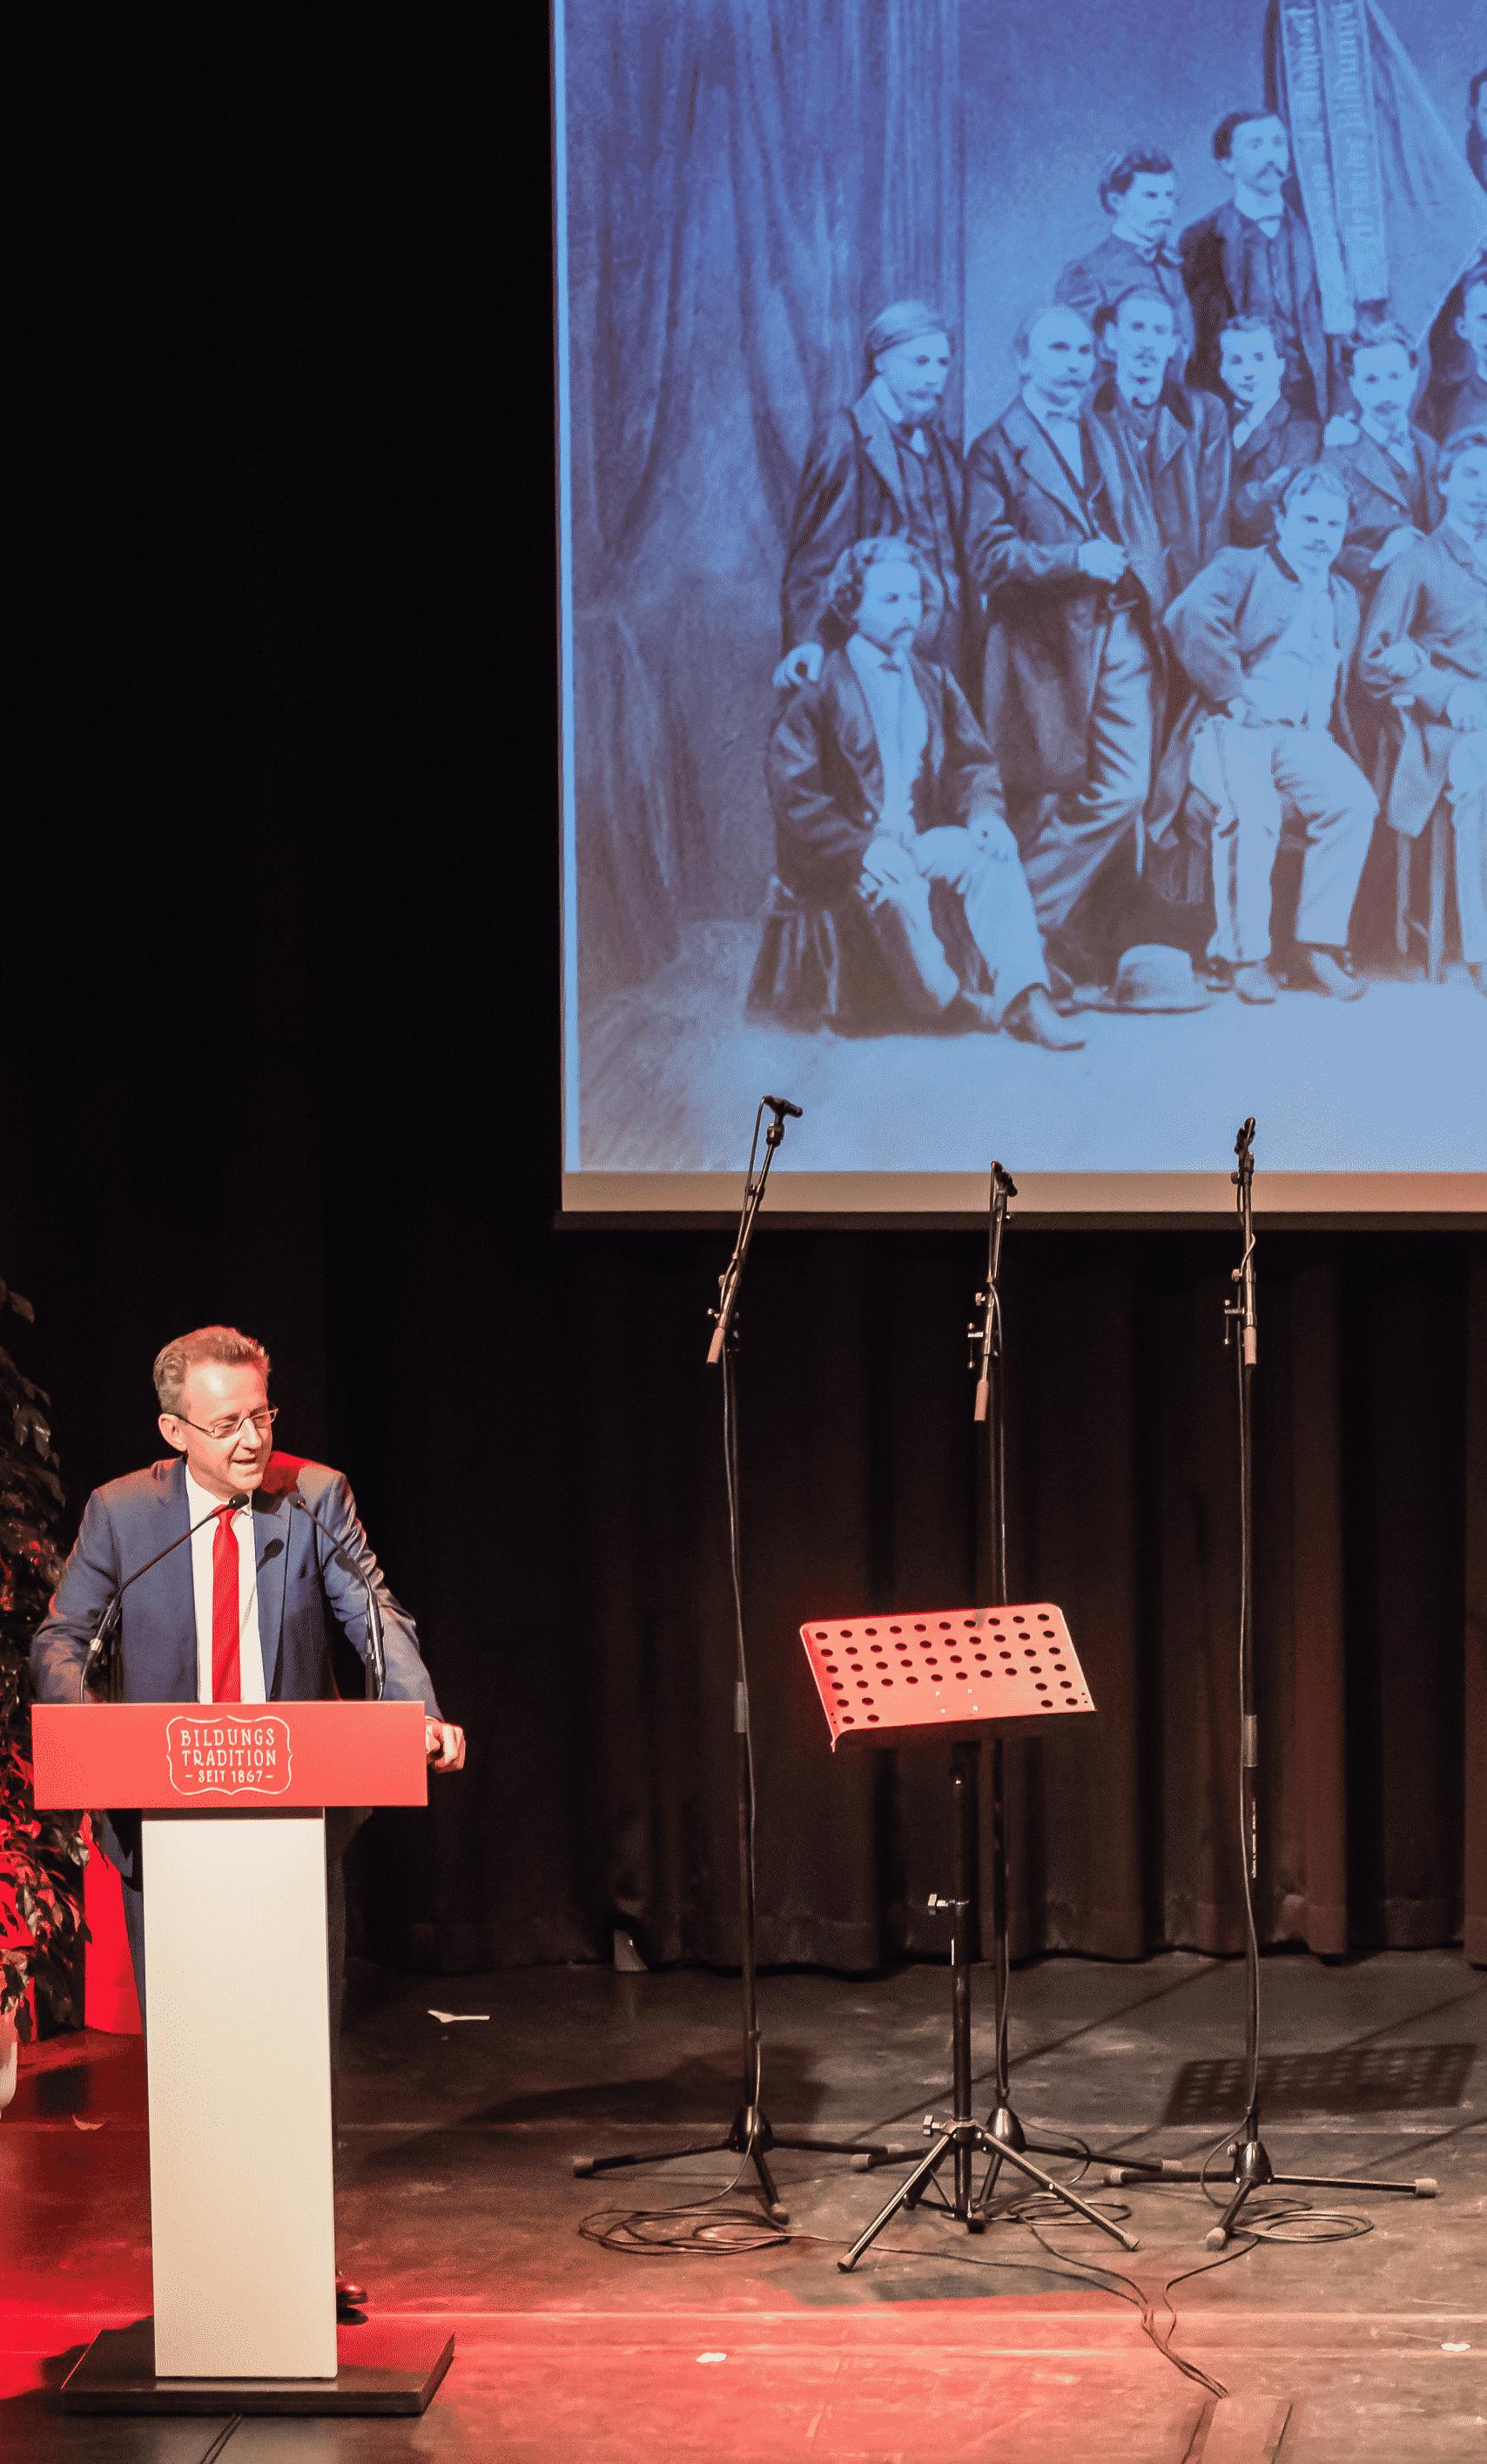 150 Jahre Arbeiterbildungsverein Ernst Woller